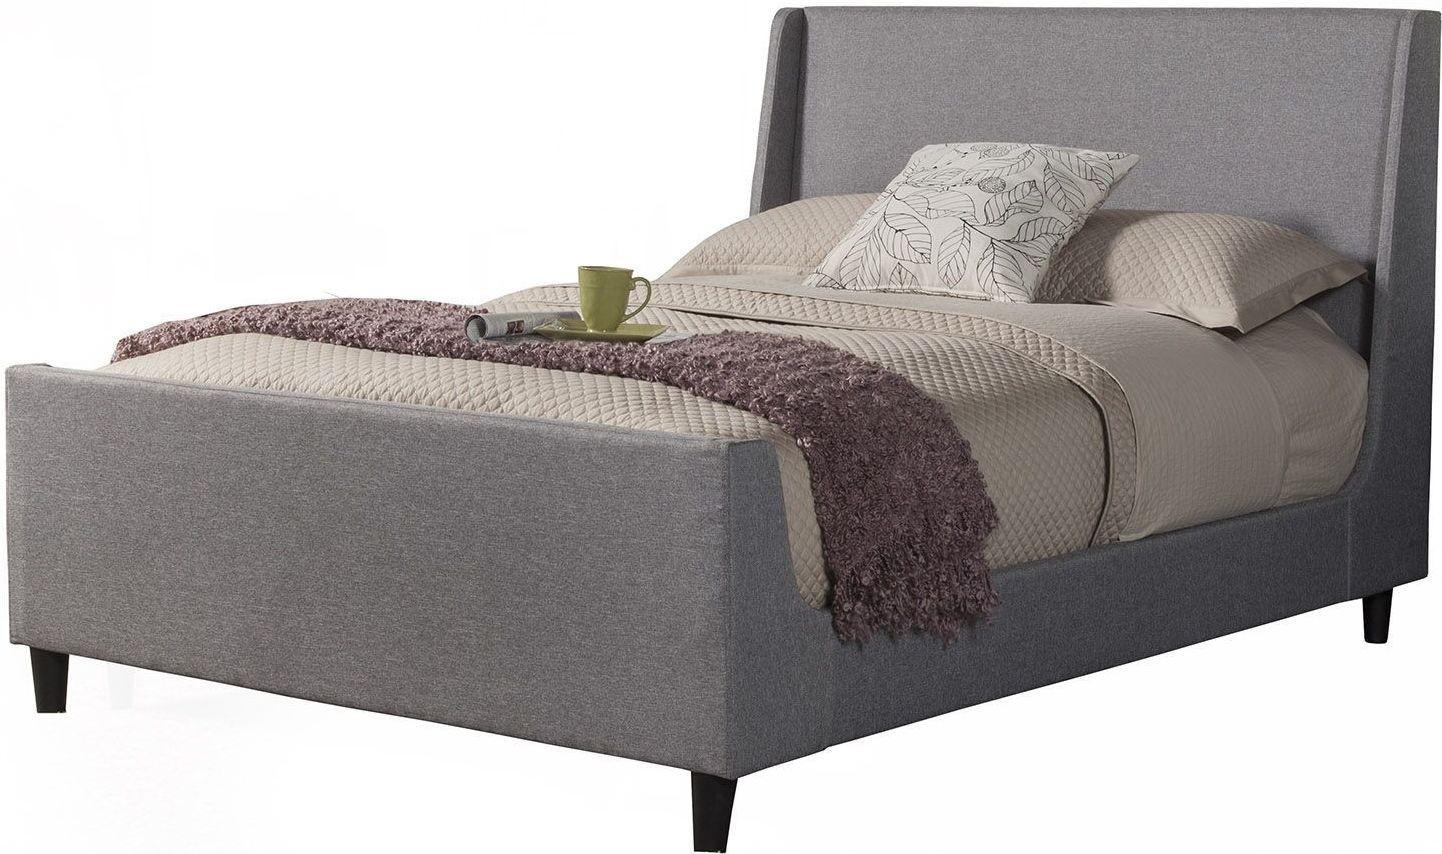 Amber Linen Upholstered Cal King Platform Bed Ck Alpine